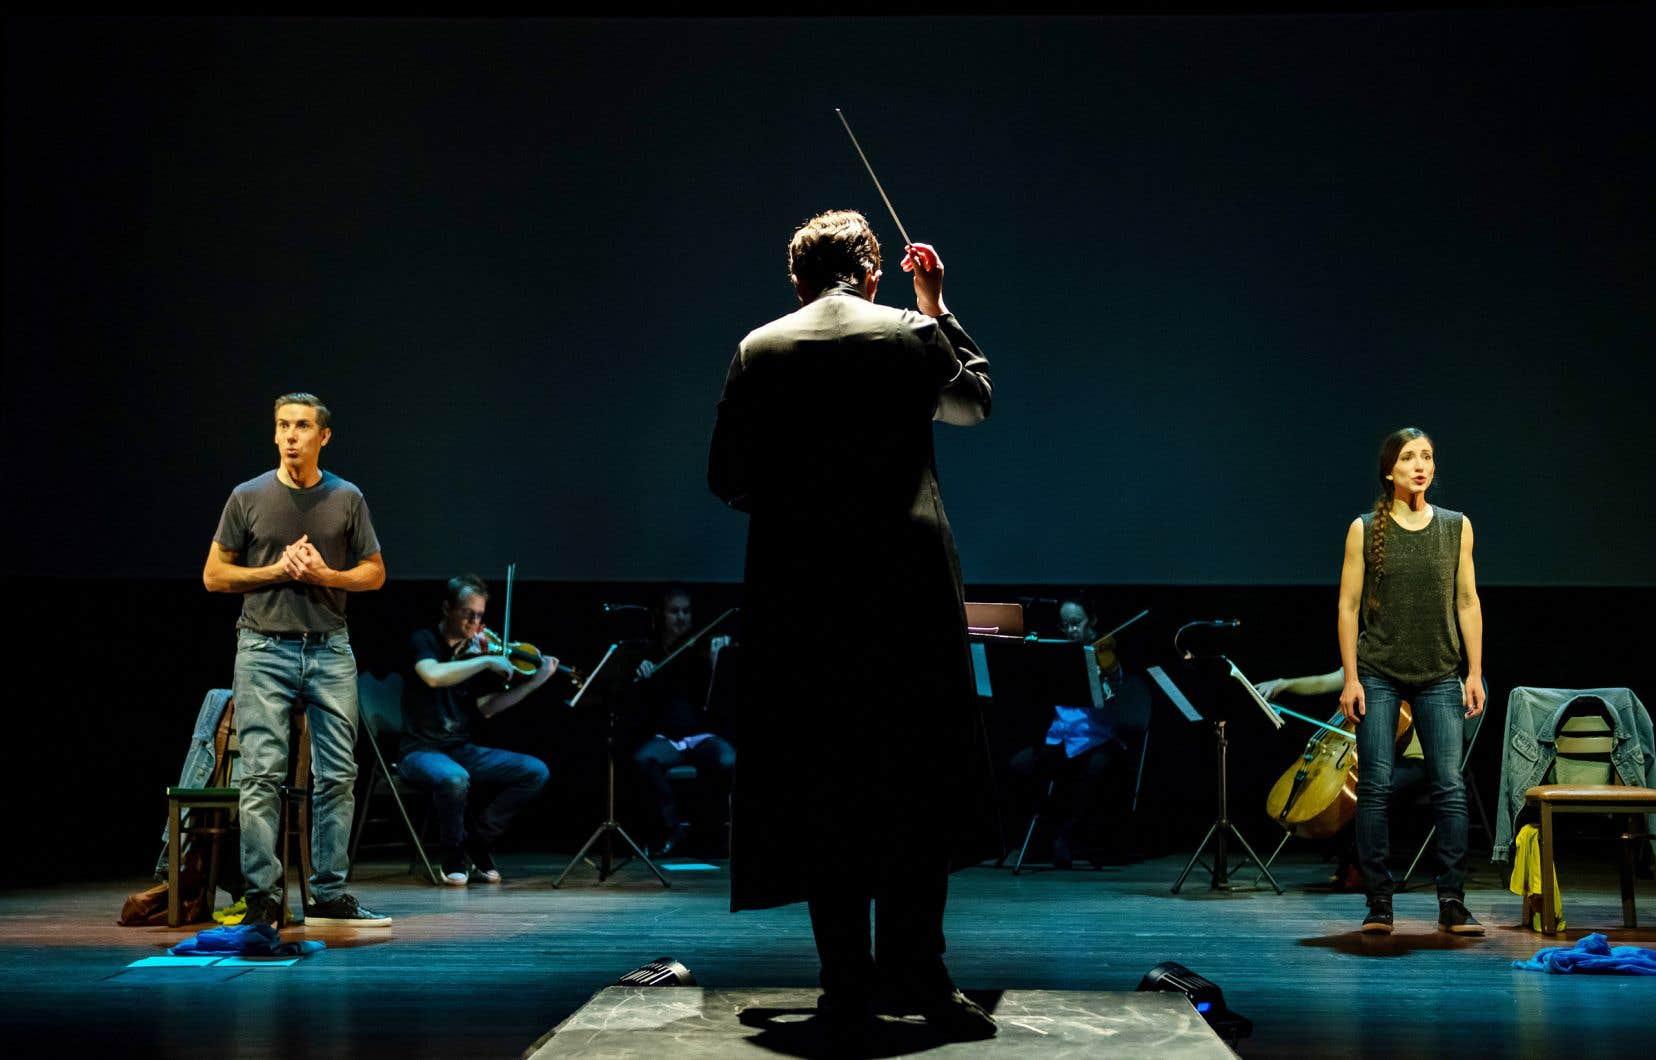 Phillip Addis (à gauche) et Sarah Bissonnette (à droite) ont chanté l'opéra «As One», accompagnés par l'Orchestre classique de Montréal. Le concert virtuel est disponible en ligne jusqu'au 4 décembre.